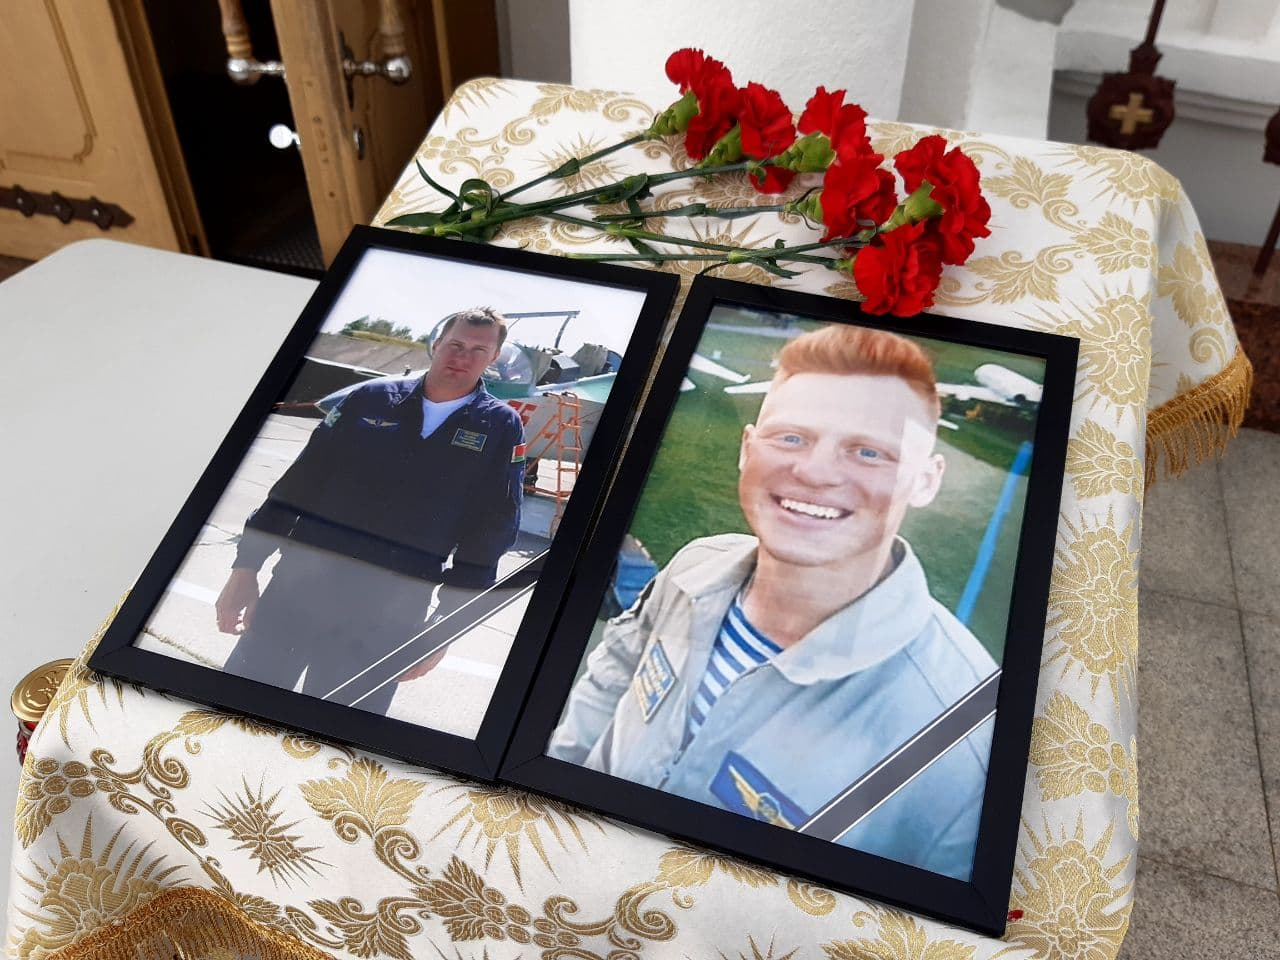 Летчики Андрей Ничипорчик и Никита Куконенко погибли 19 мая в Барановичах и спасли жизни жителей города. Фото: Юрий ГОНЦАРЕВИЧ